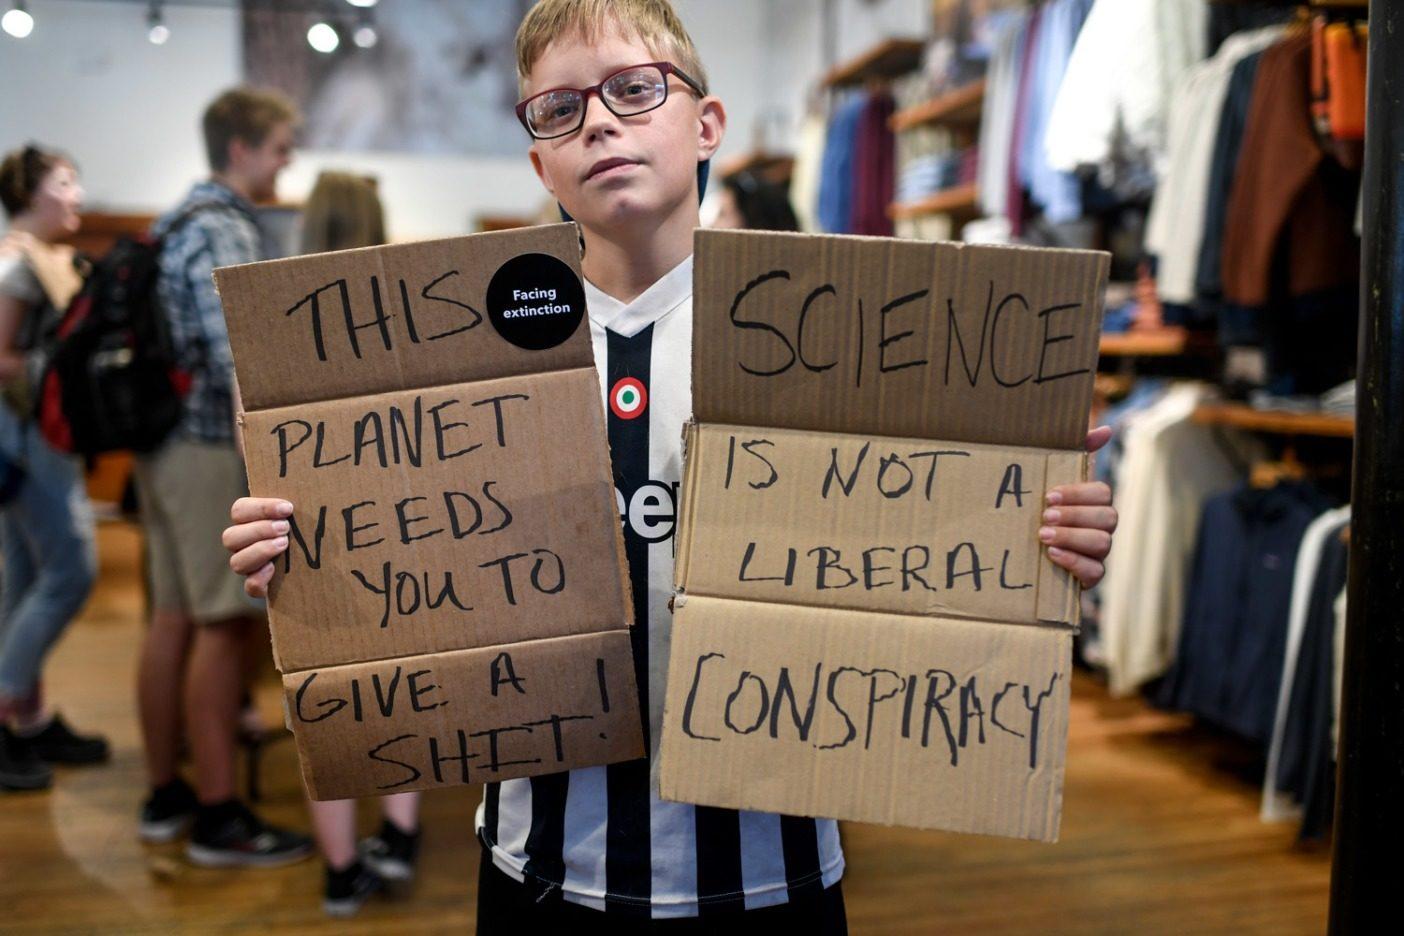 コロラド州デンバーで9月20日に開かれたパタゴニアのストアでのイベントに参加する若い活動家。気候ストライキでは推定7,500人が街頭に出た。Photo: Aaron Ontiveroz